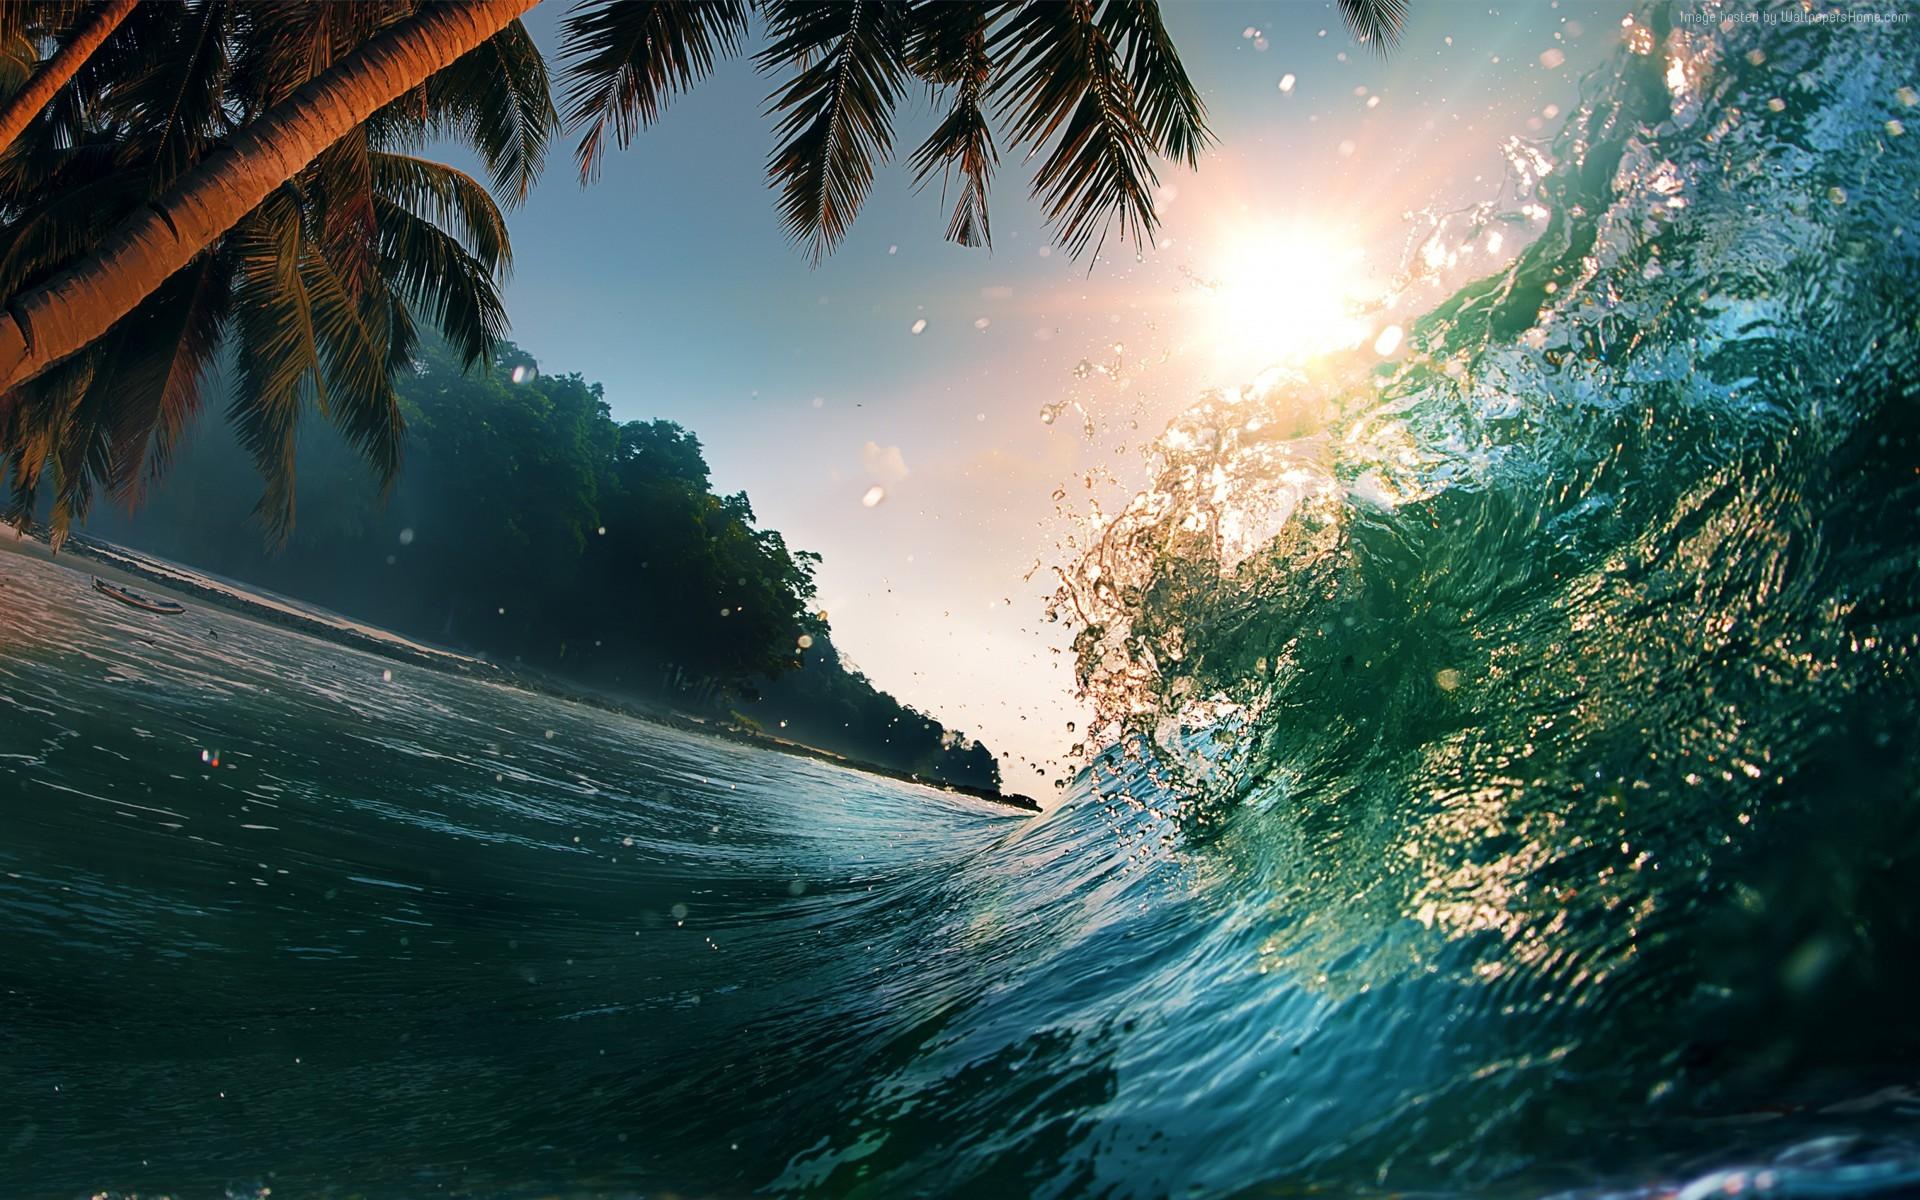 Fond d'écran : lumière du soleil, mer, eau, la nature, réflexion, vagues, palmiers, océan, vague ...